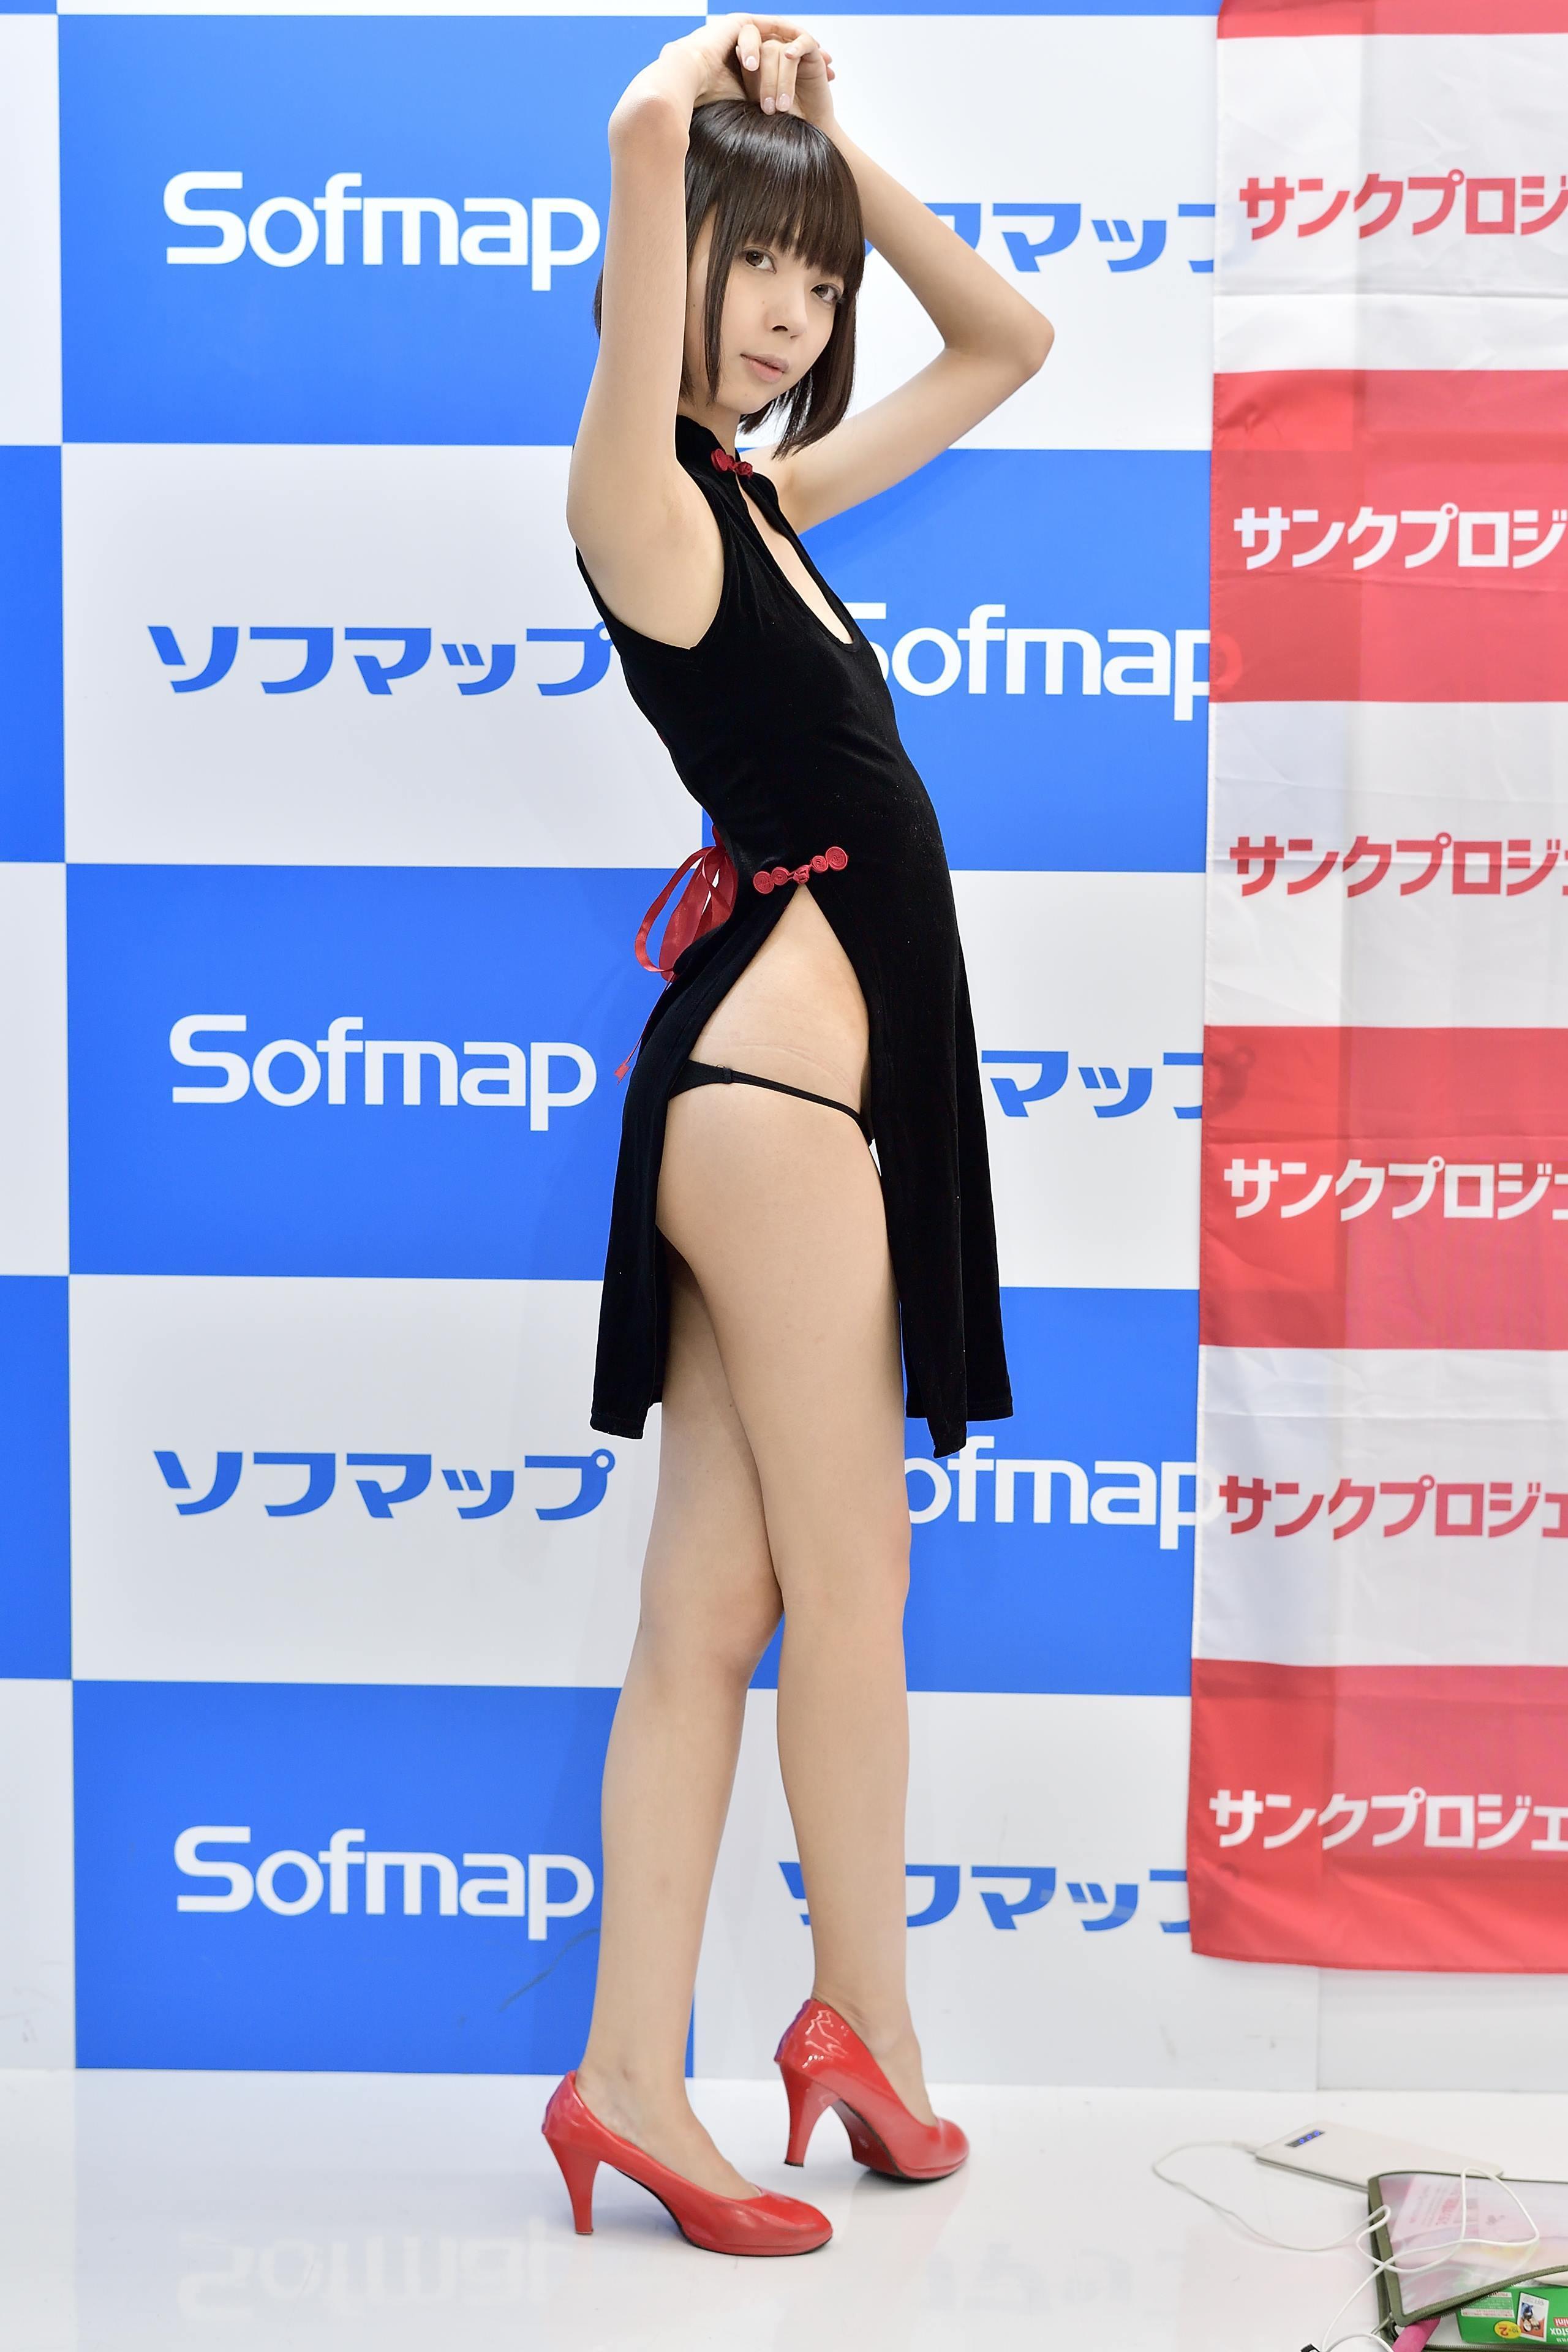 2019年06月14日ソフマップ4号館8階撮影会報告_e0194893_20314622.jpg